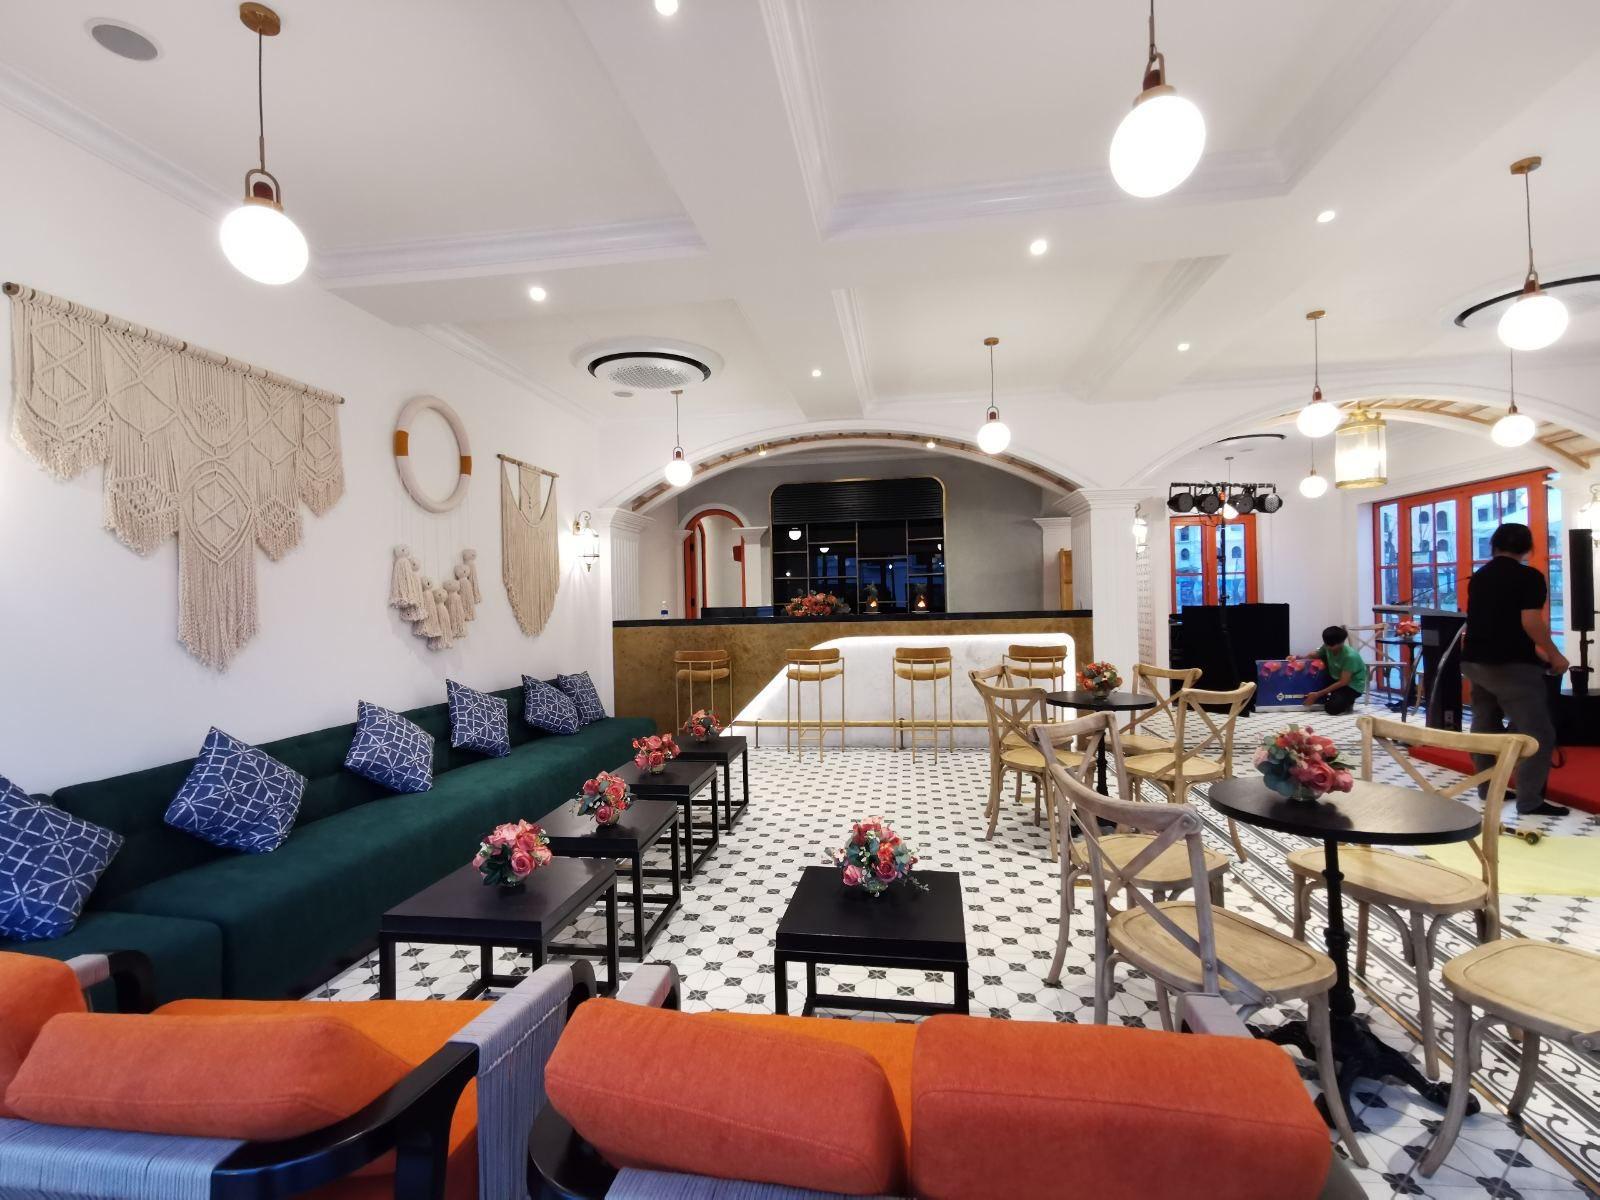 Không gian quán cafe được thiết kế theo phong cách Địa Trung Hải phóng khoáng